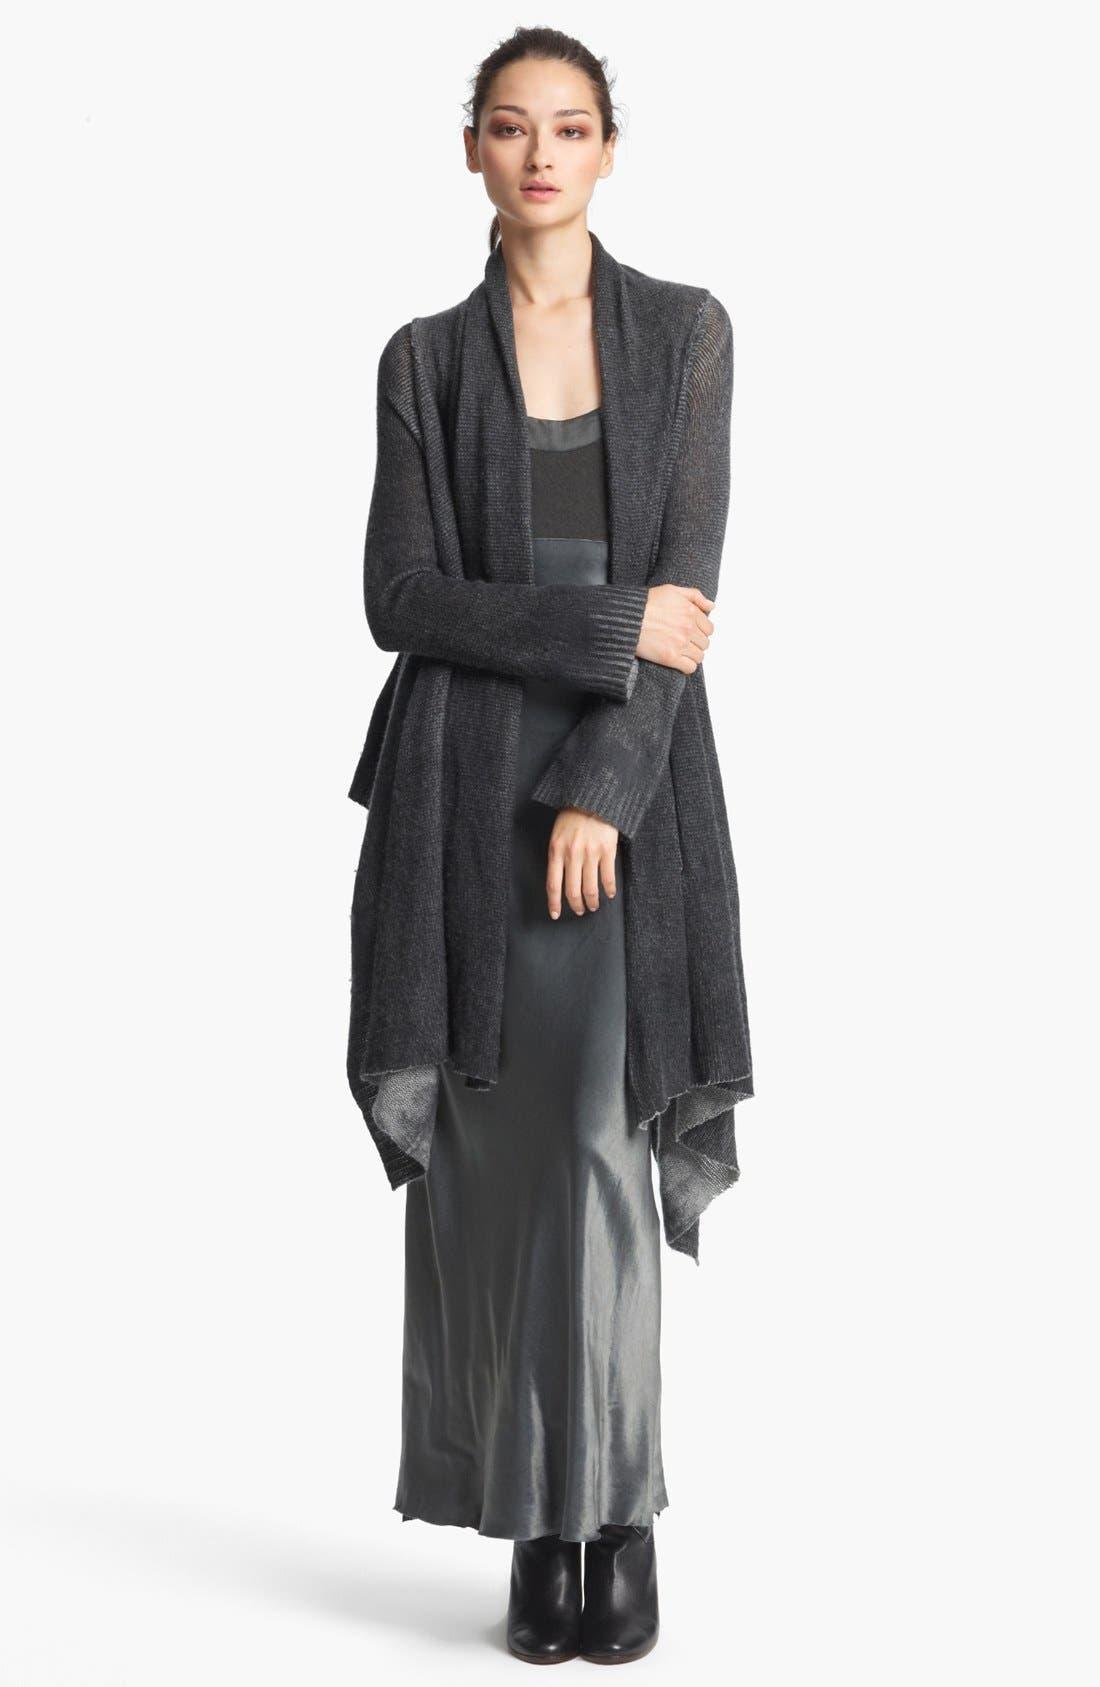 Main Image - Donna Karan Collection Shawl Collar Cashmere Cozy